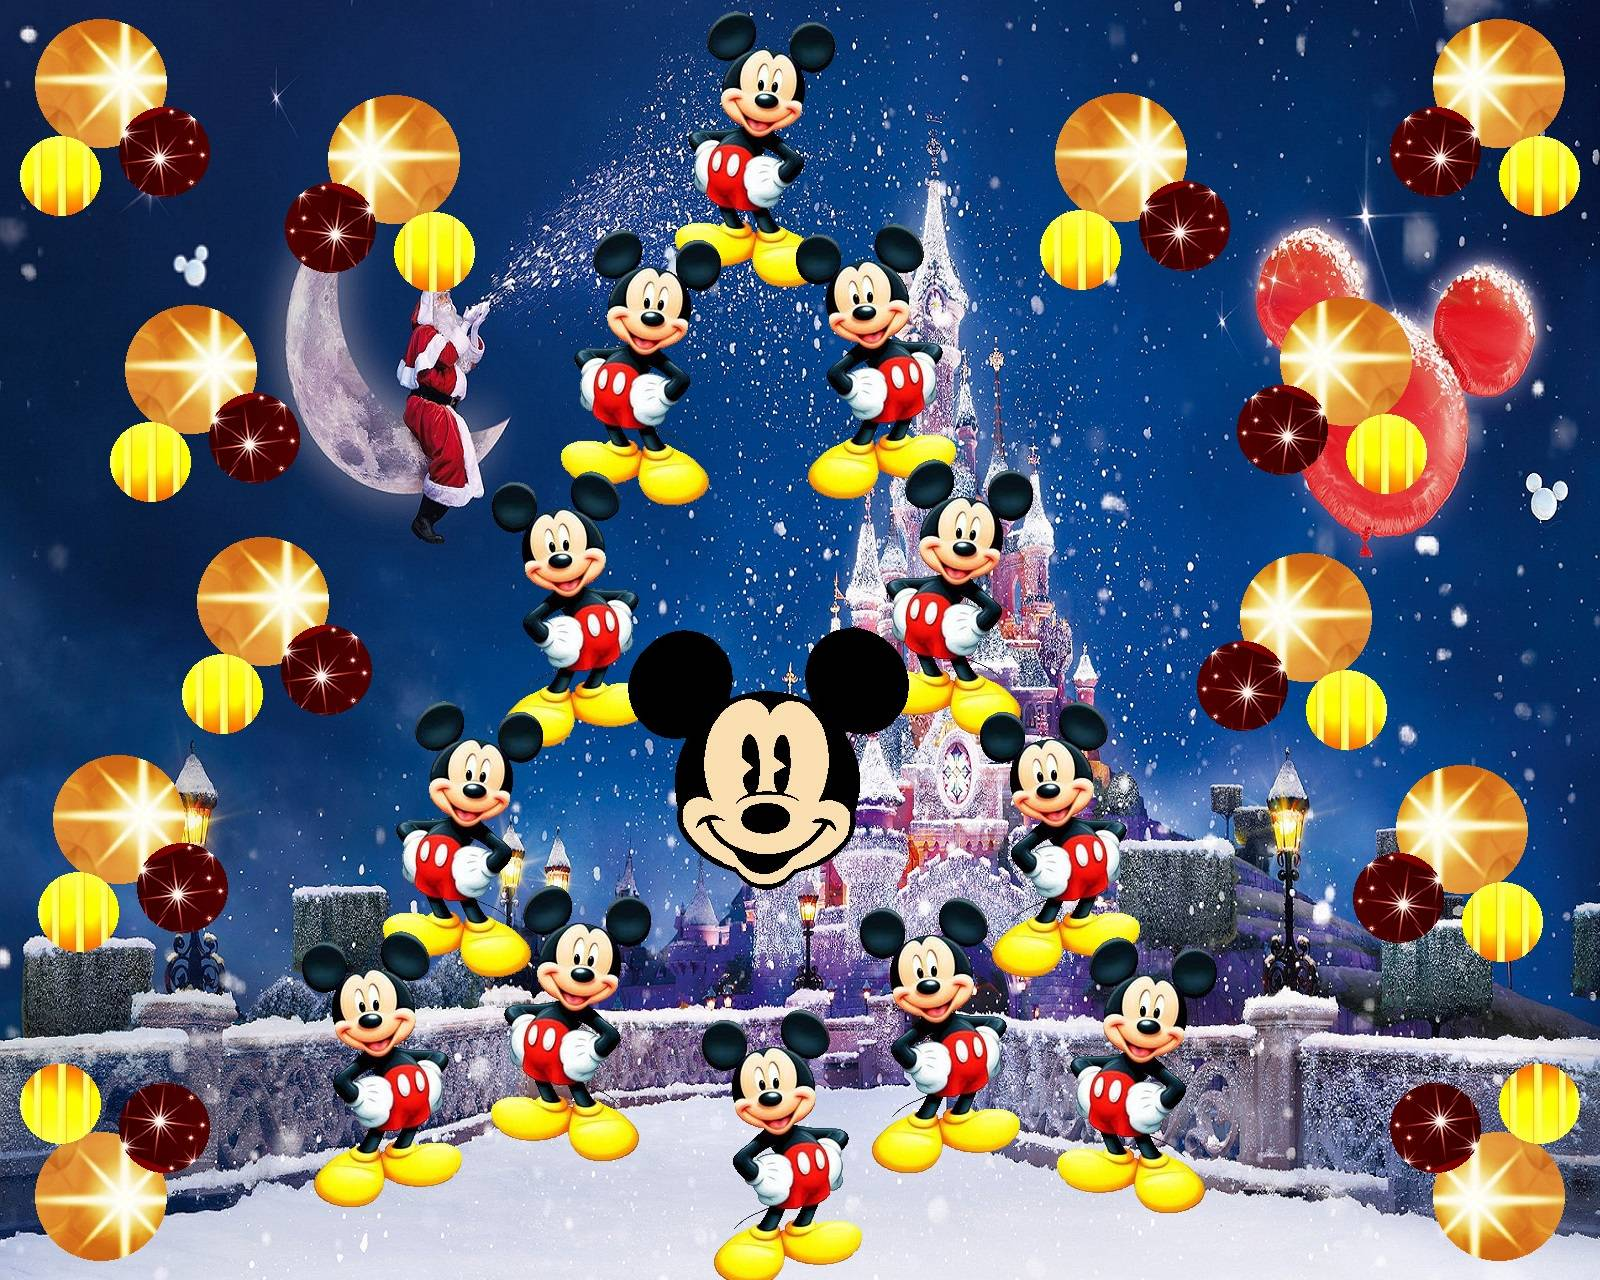 Xmas with Mickey